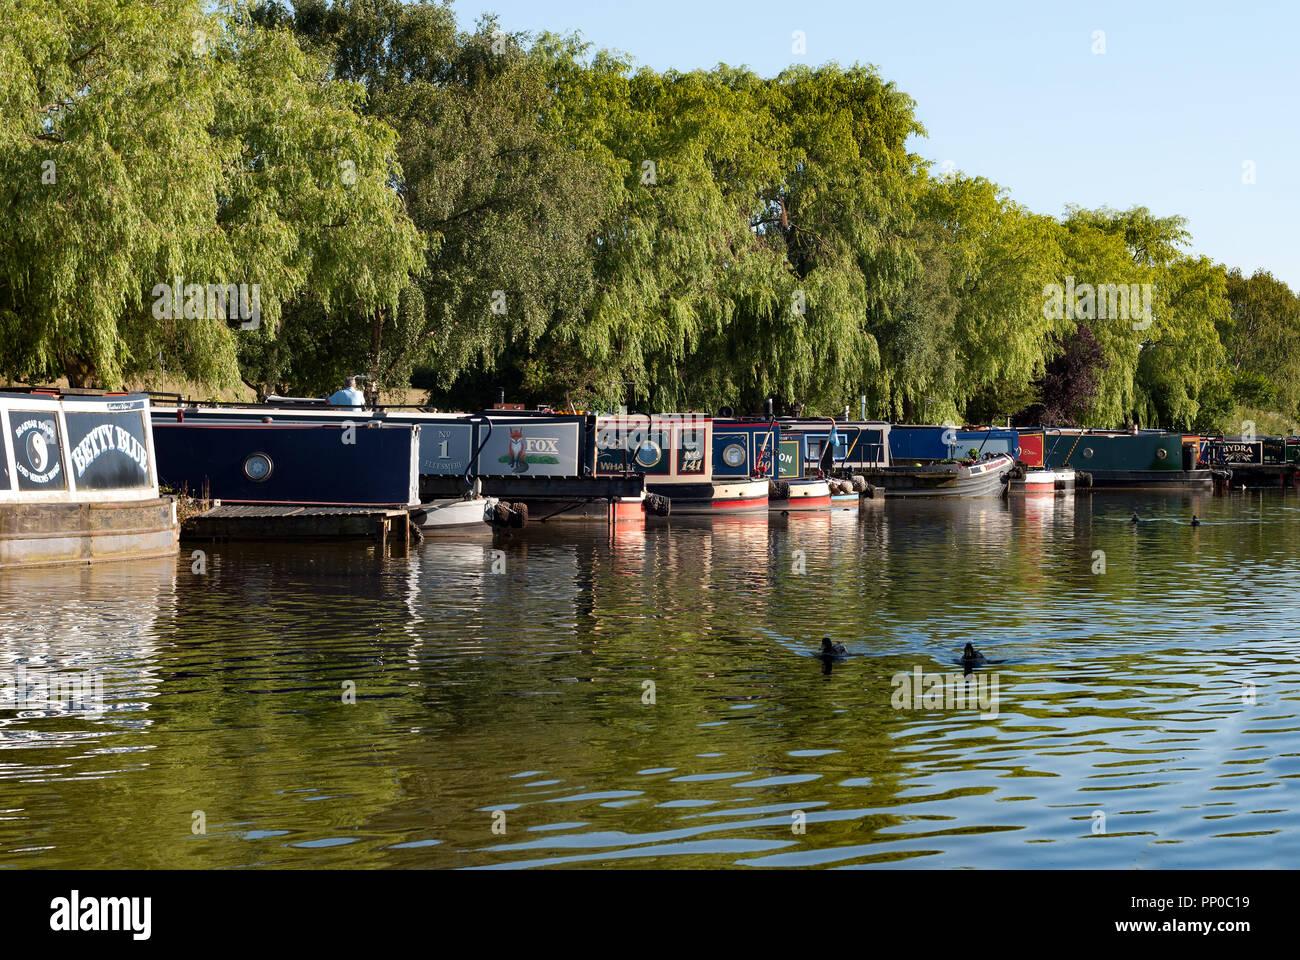 Narrow Boats at Poynton, Cheshire - Stock Image